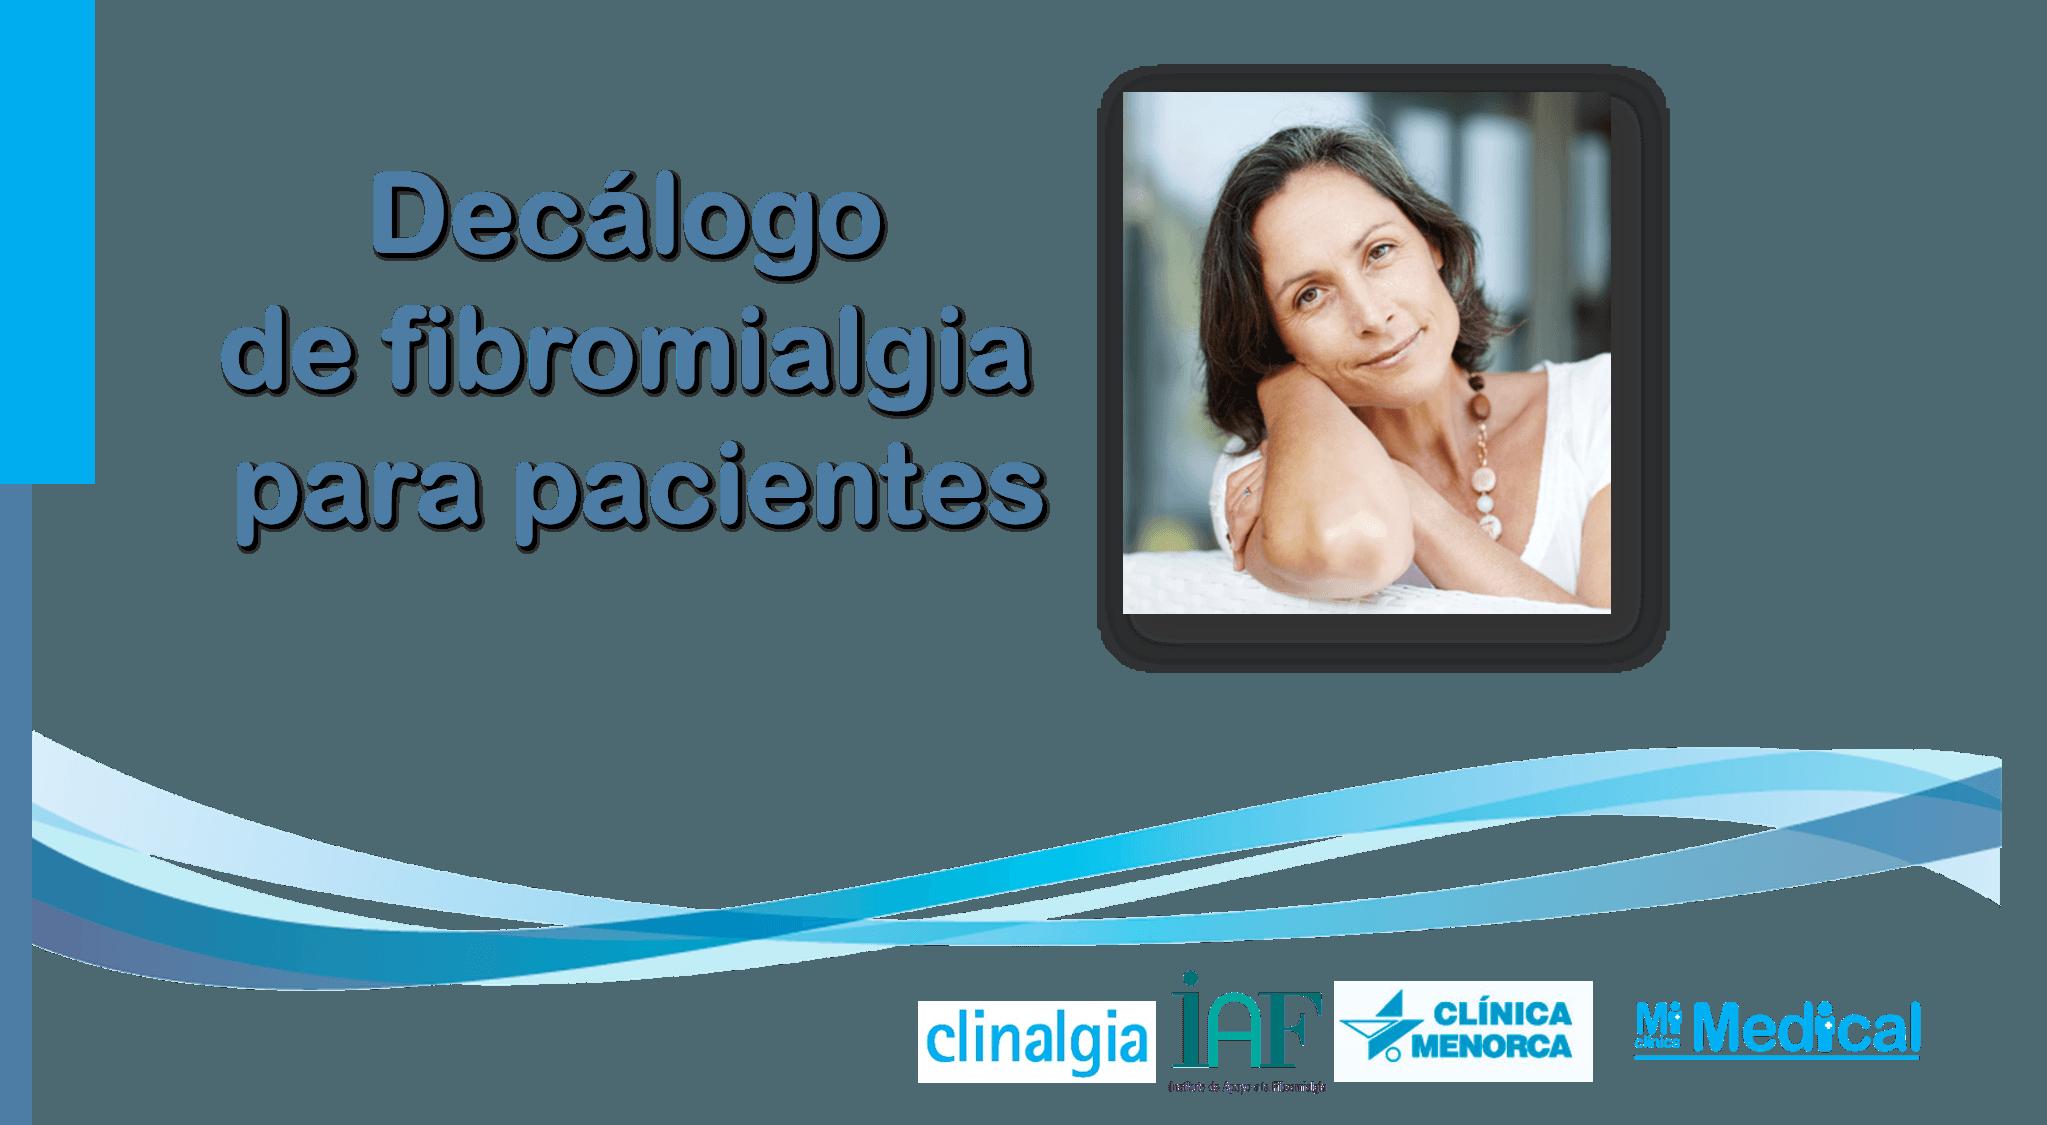 Decálogo o manual de fibromialgia para pacientes